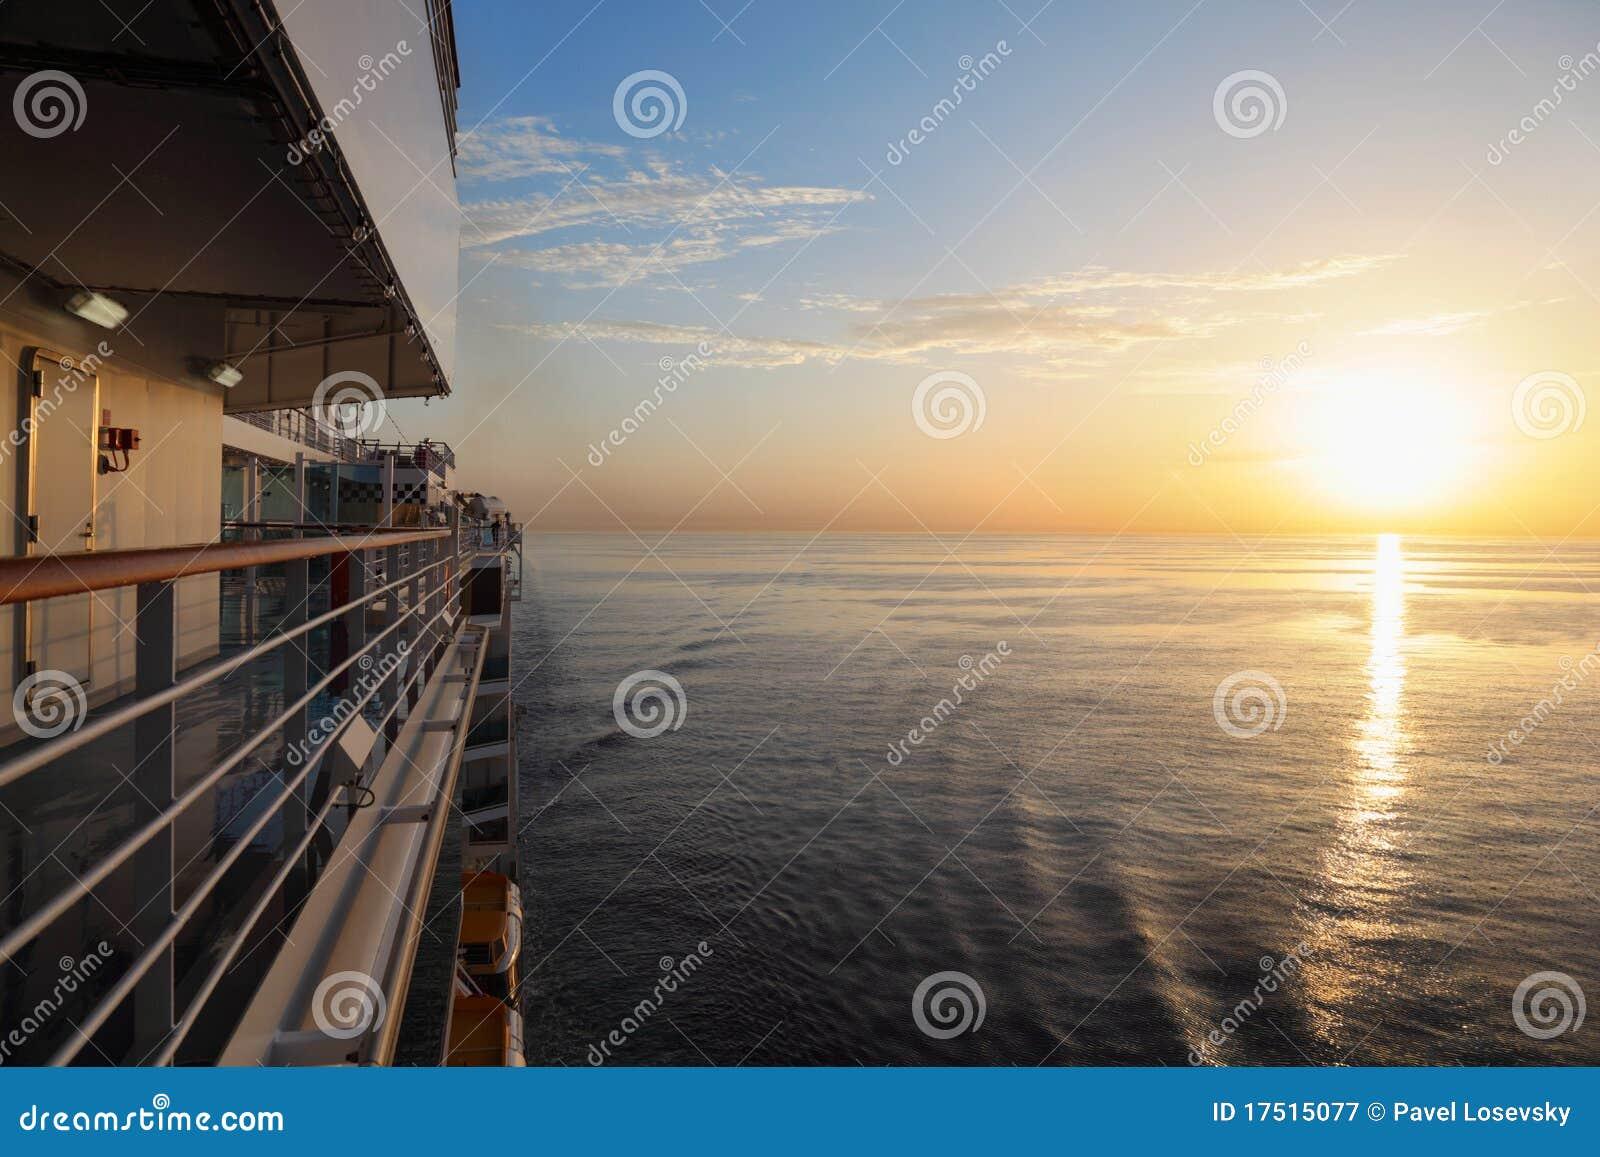 巡航甲板早晨船视图